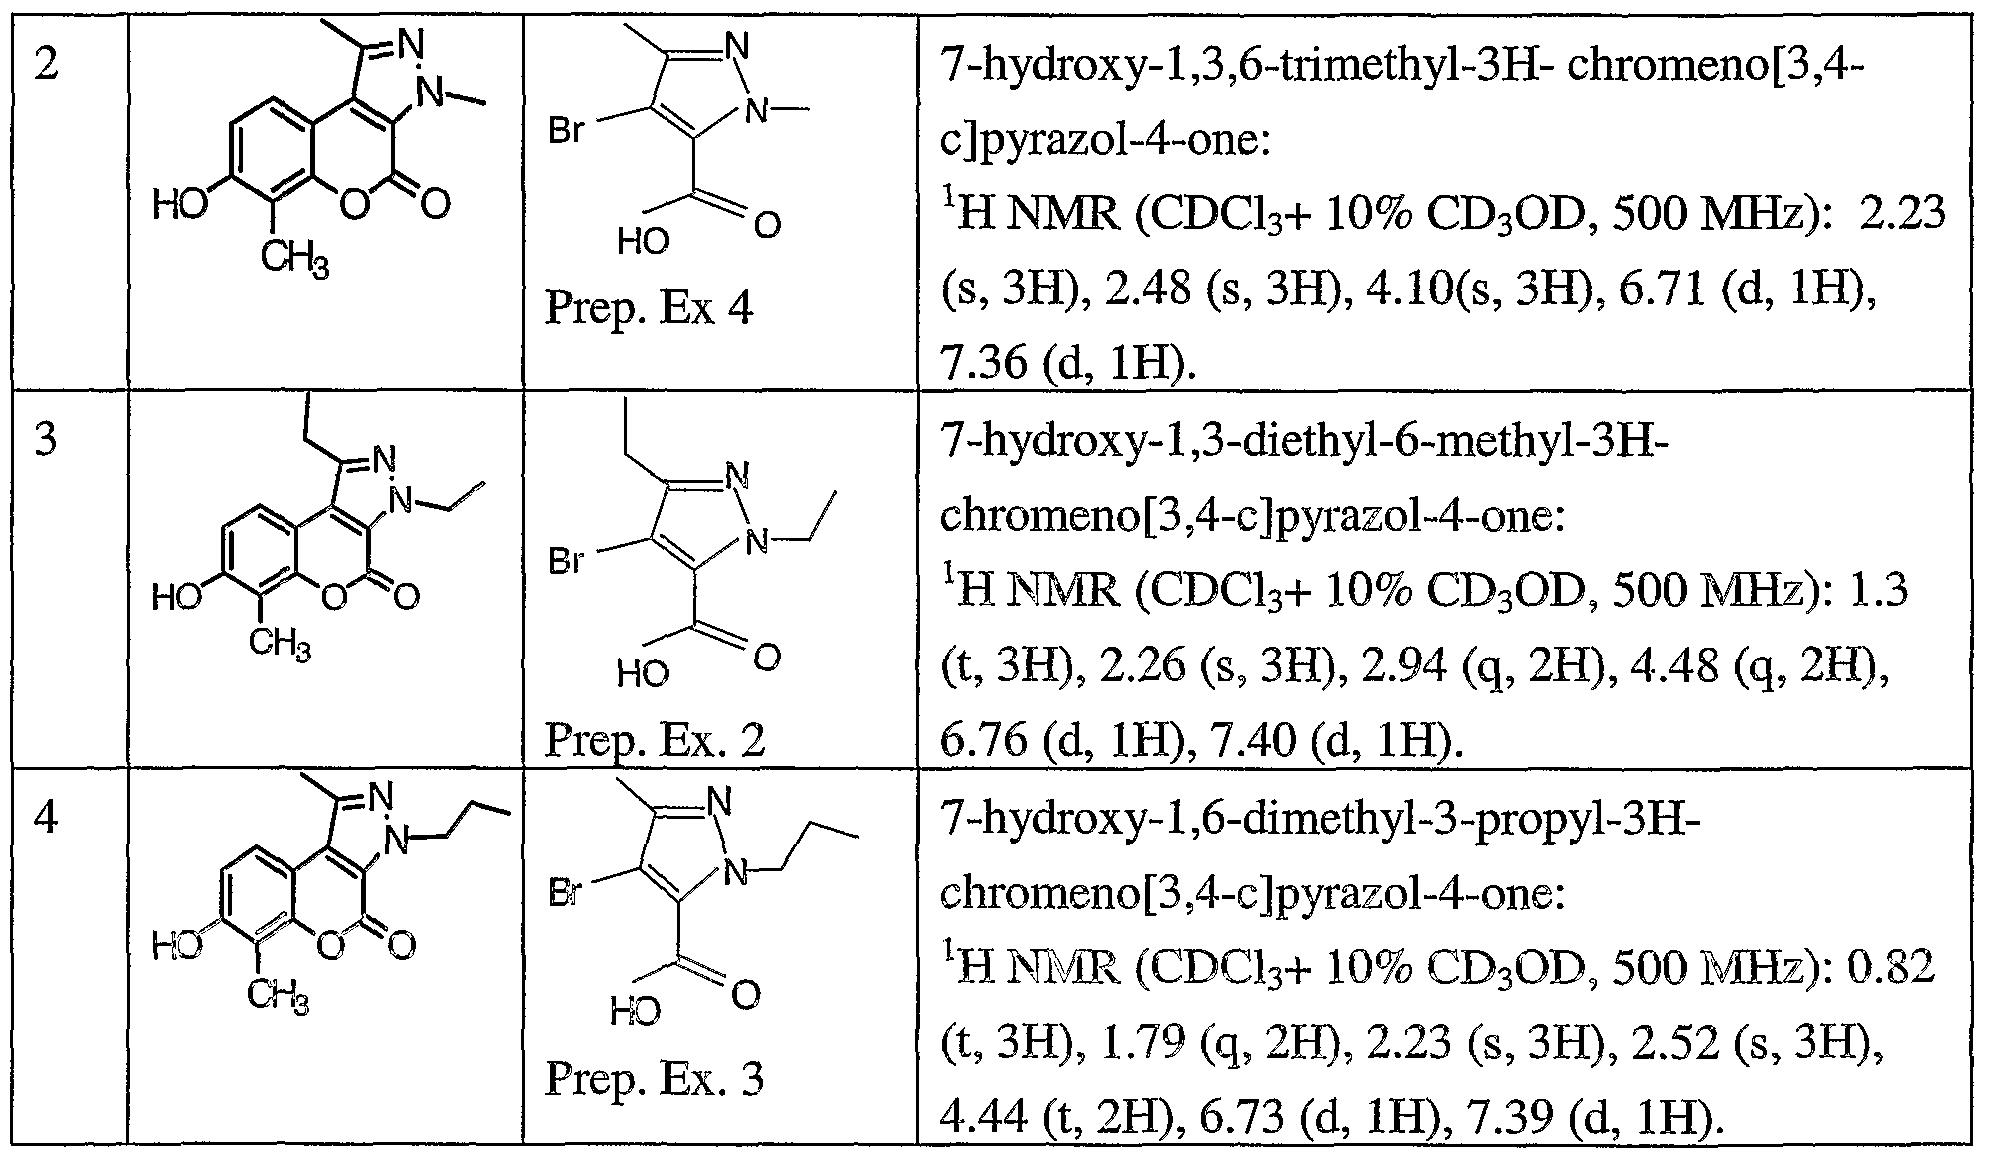 estrogen receptor ligand binding assay